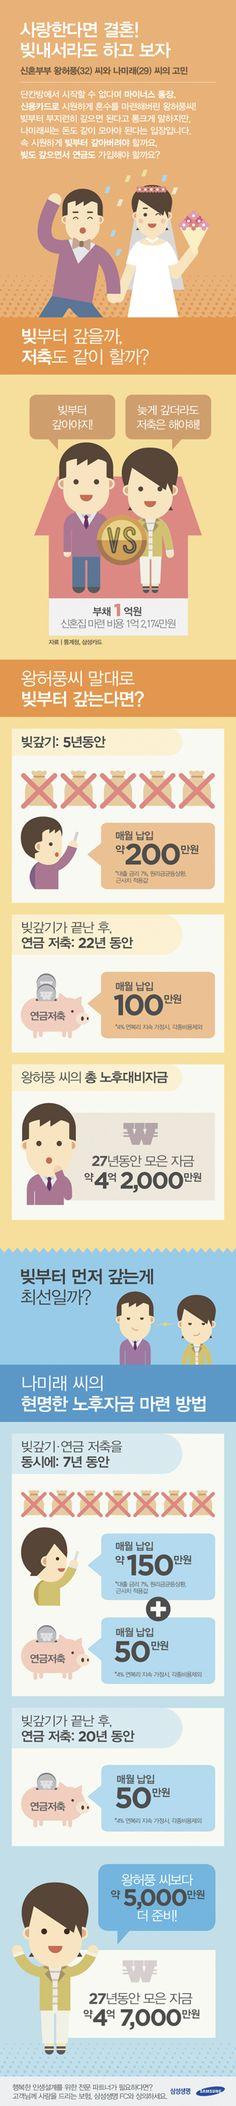 노후자금을 준비하는 두 가지 상황에 관한 인포그래픽02